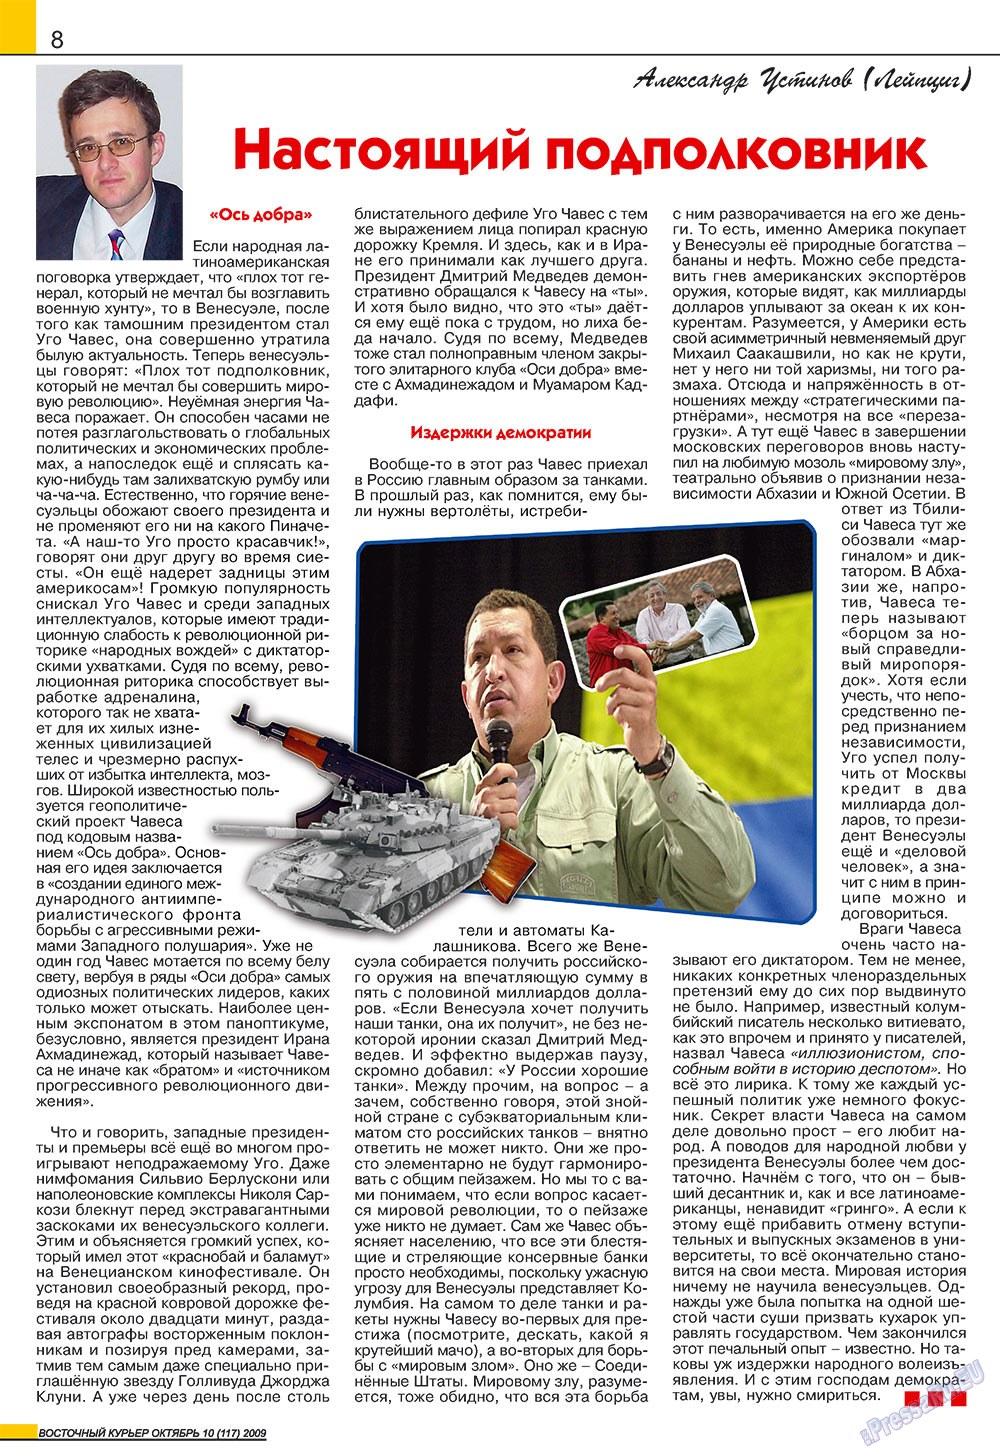 Восточный курьер (журнал). 2009 год, номер 10, стр. 8